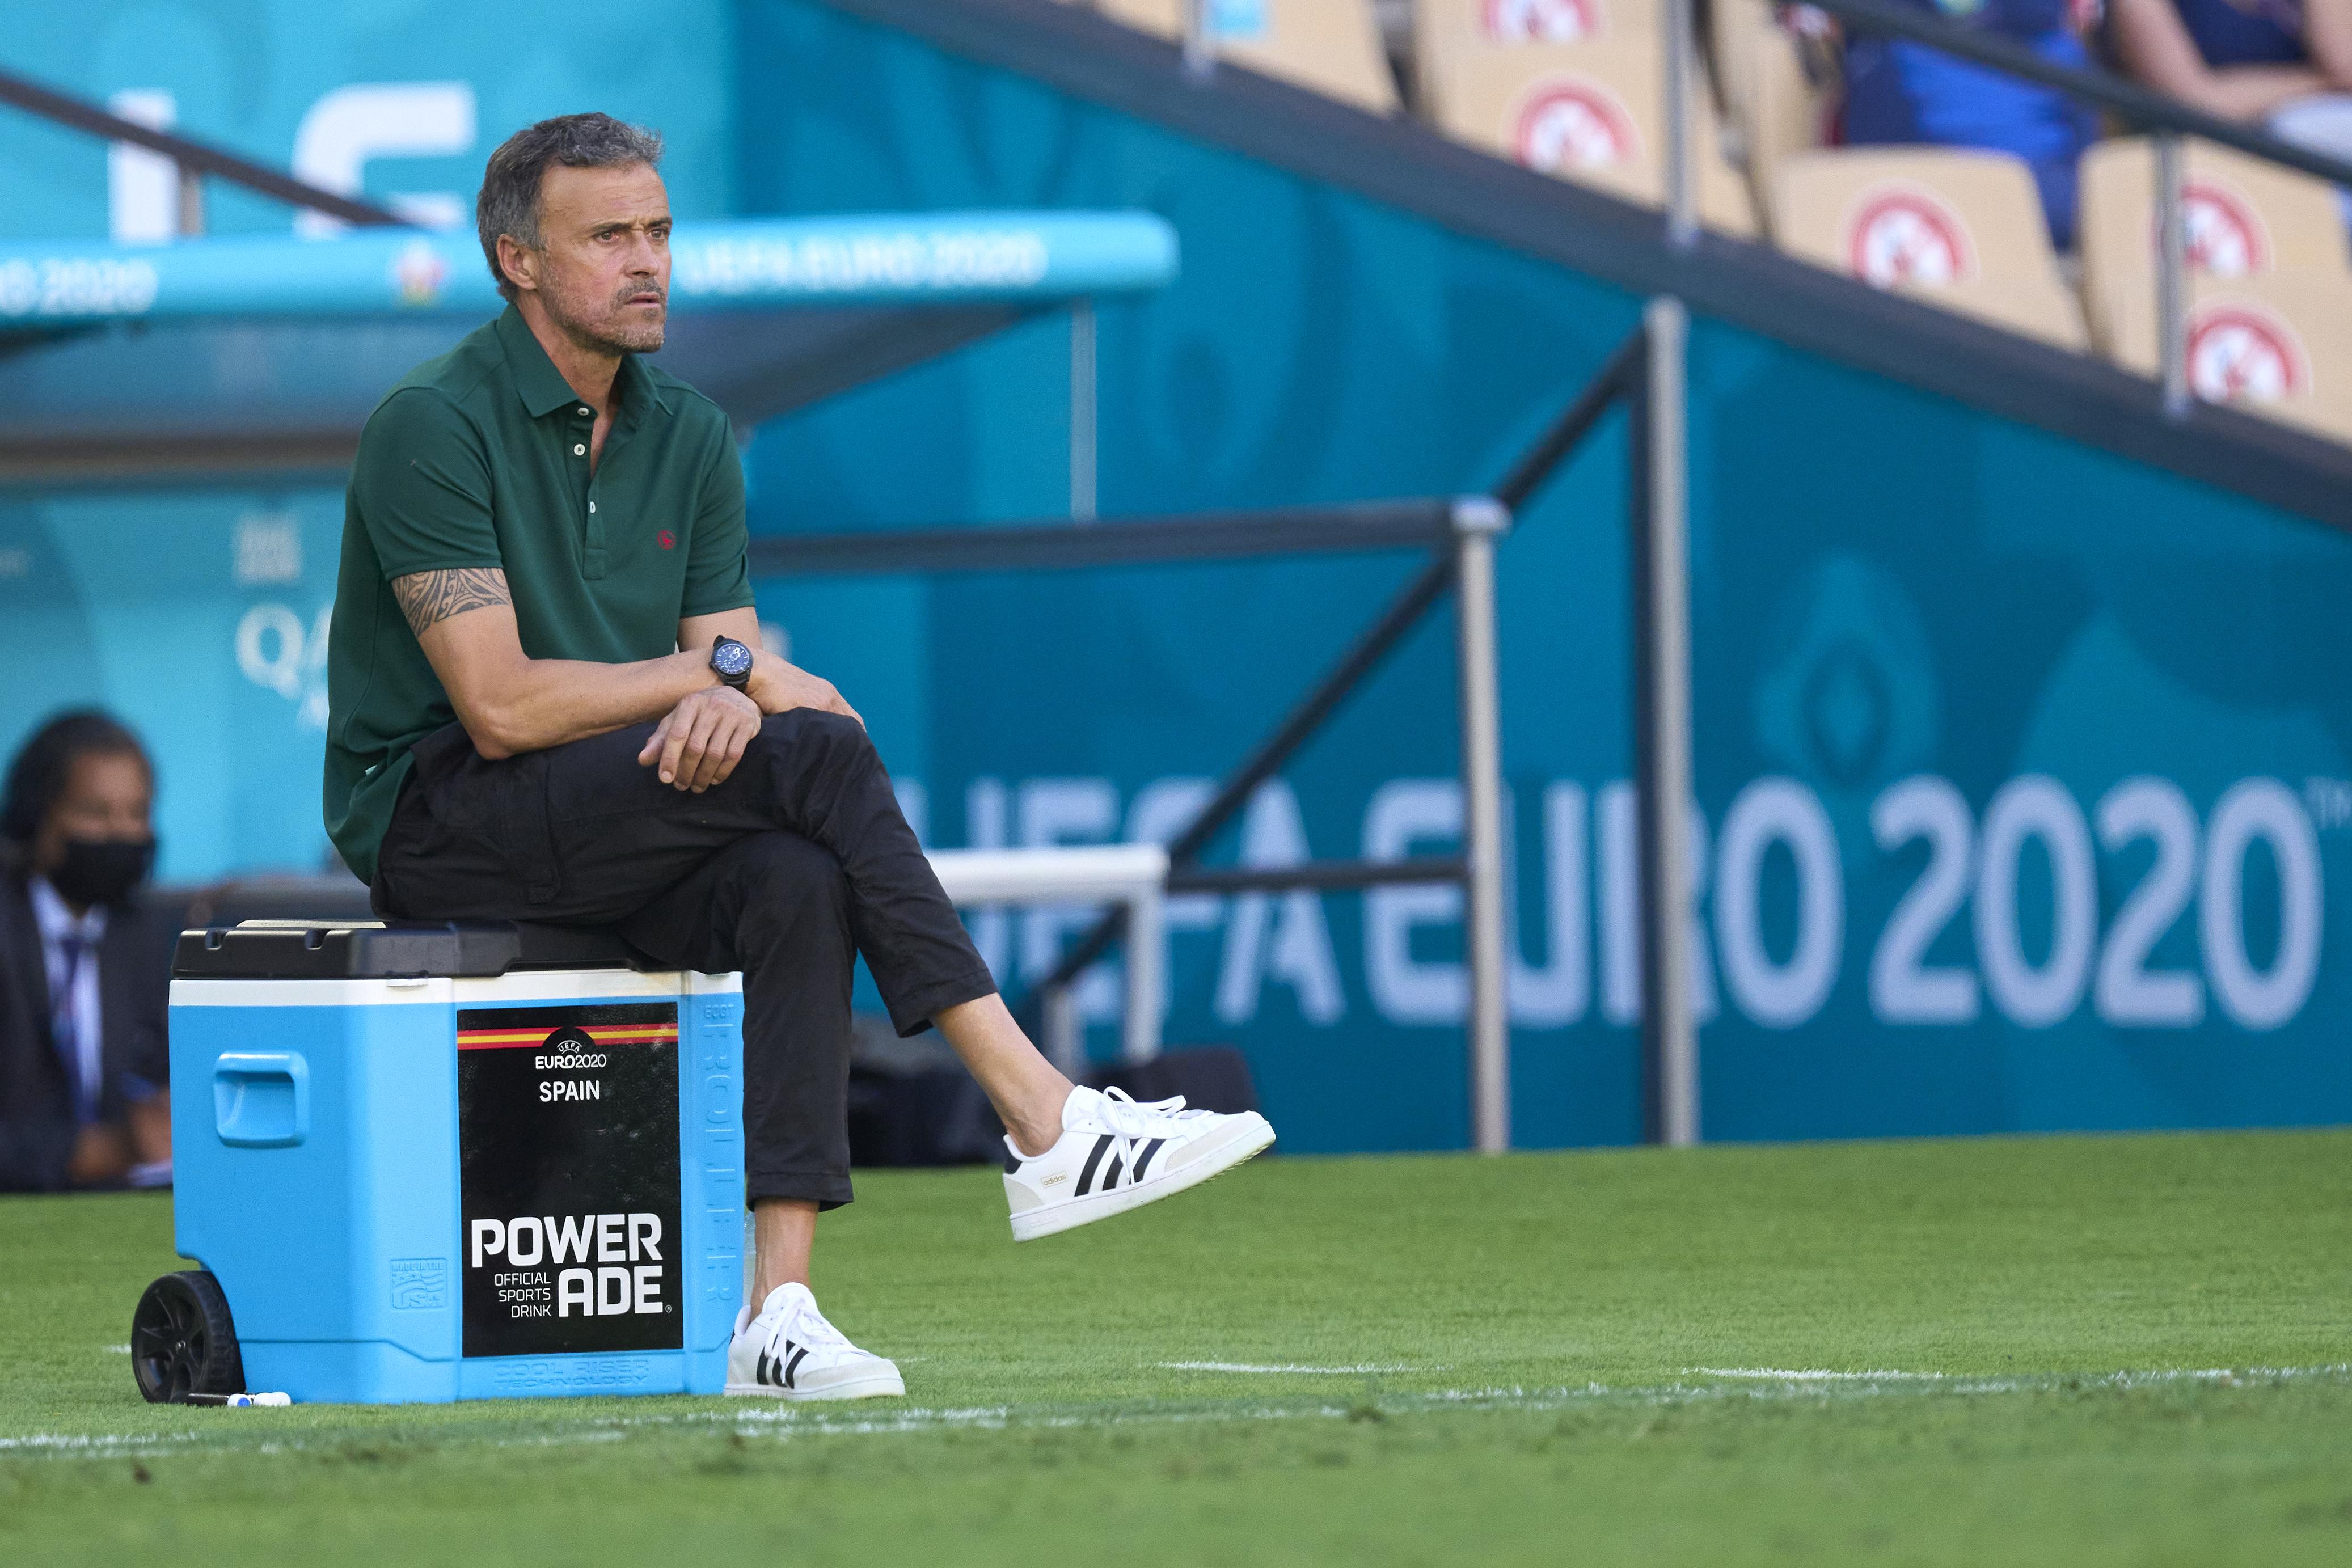 Slovakia v Spain - UEFA Euro 2020: Group E